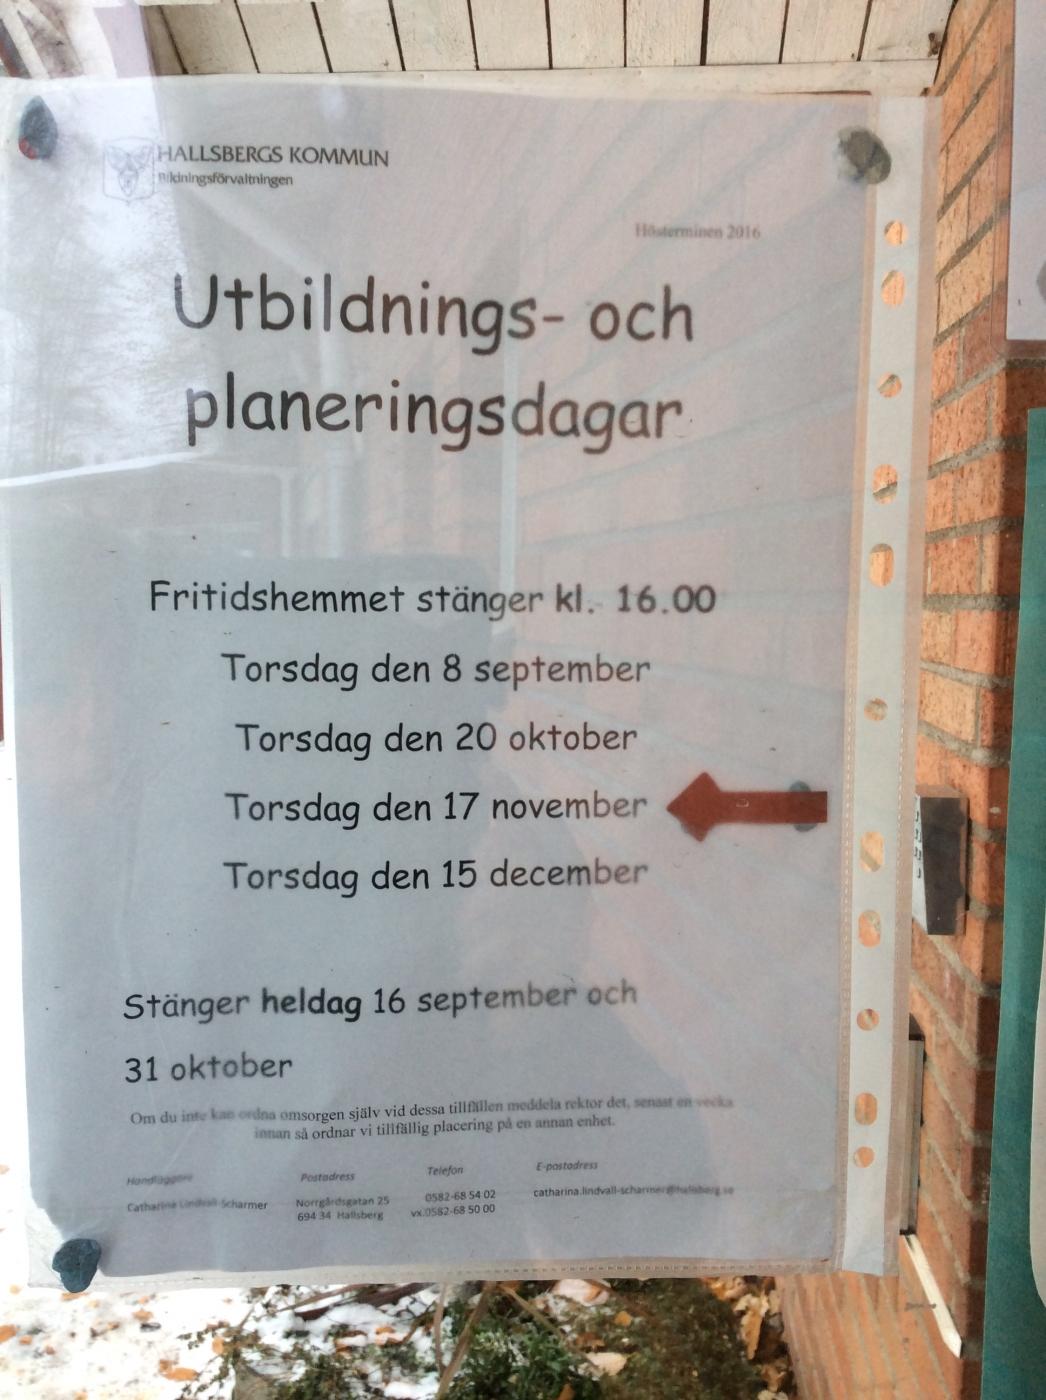 Fritids stänger kl 16:00 den 17/11